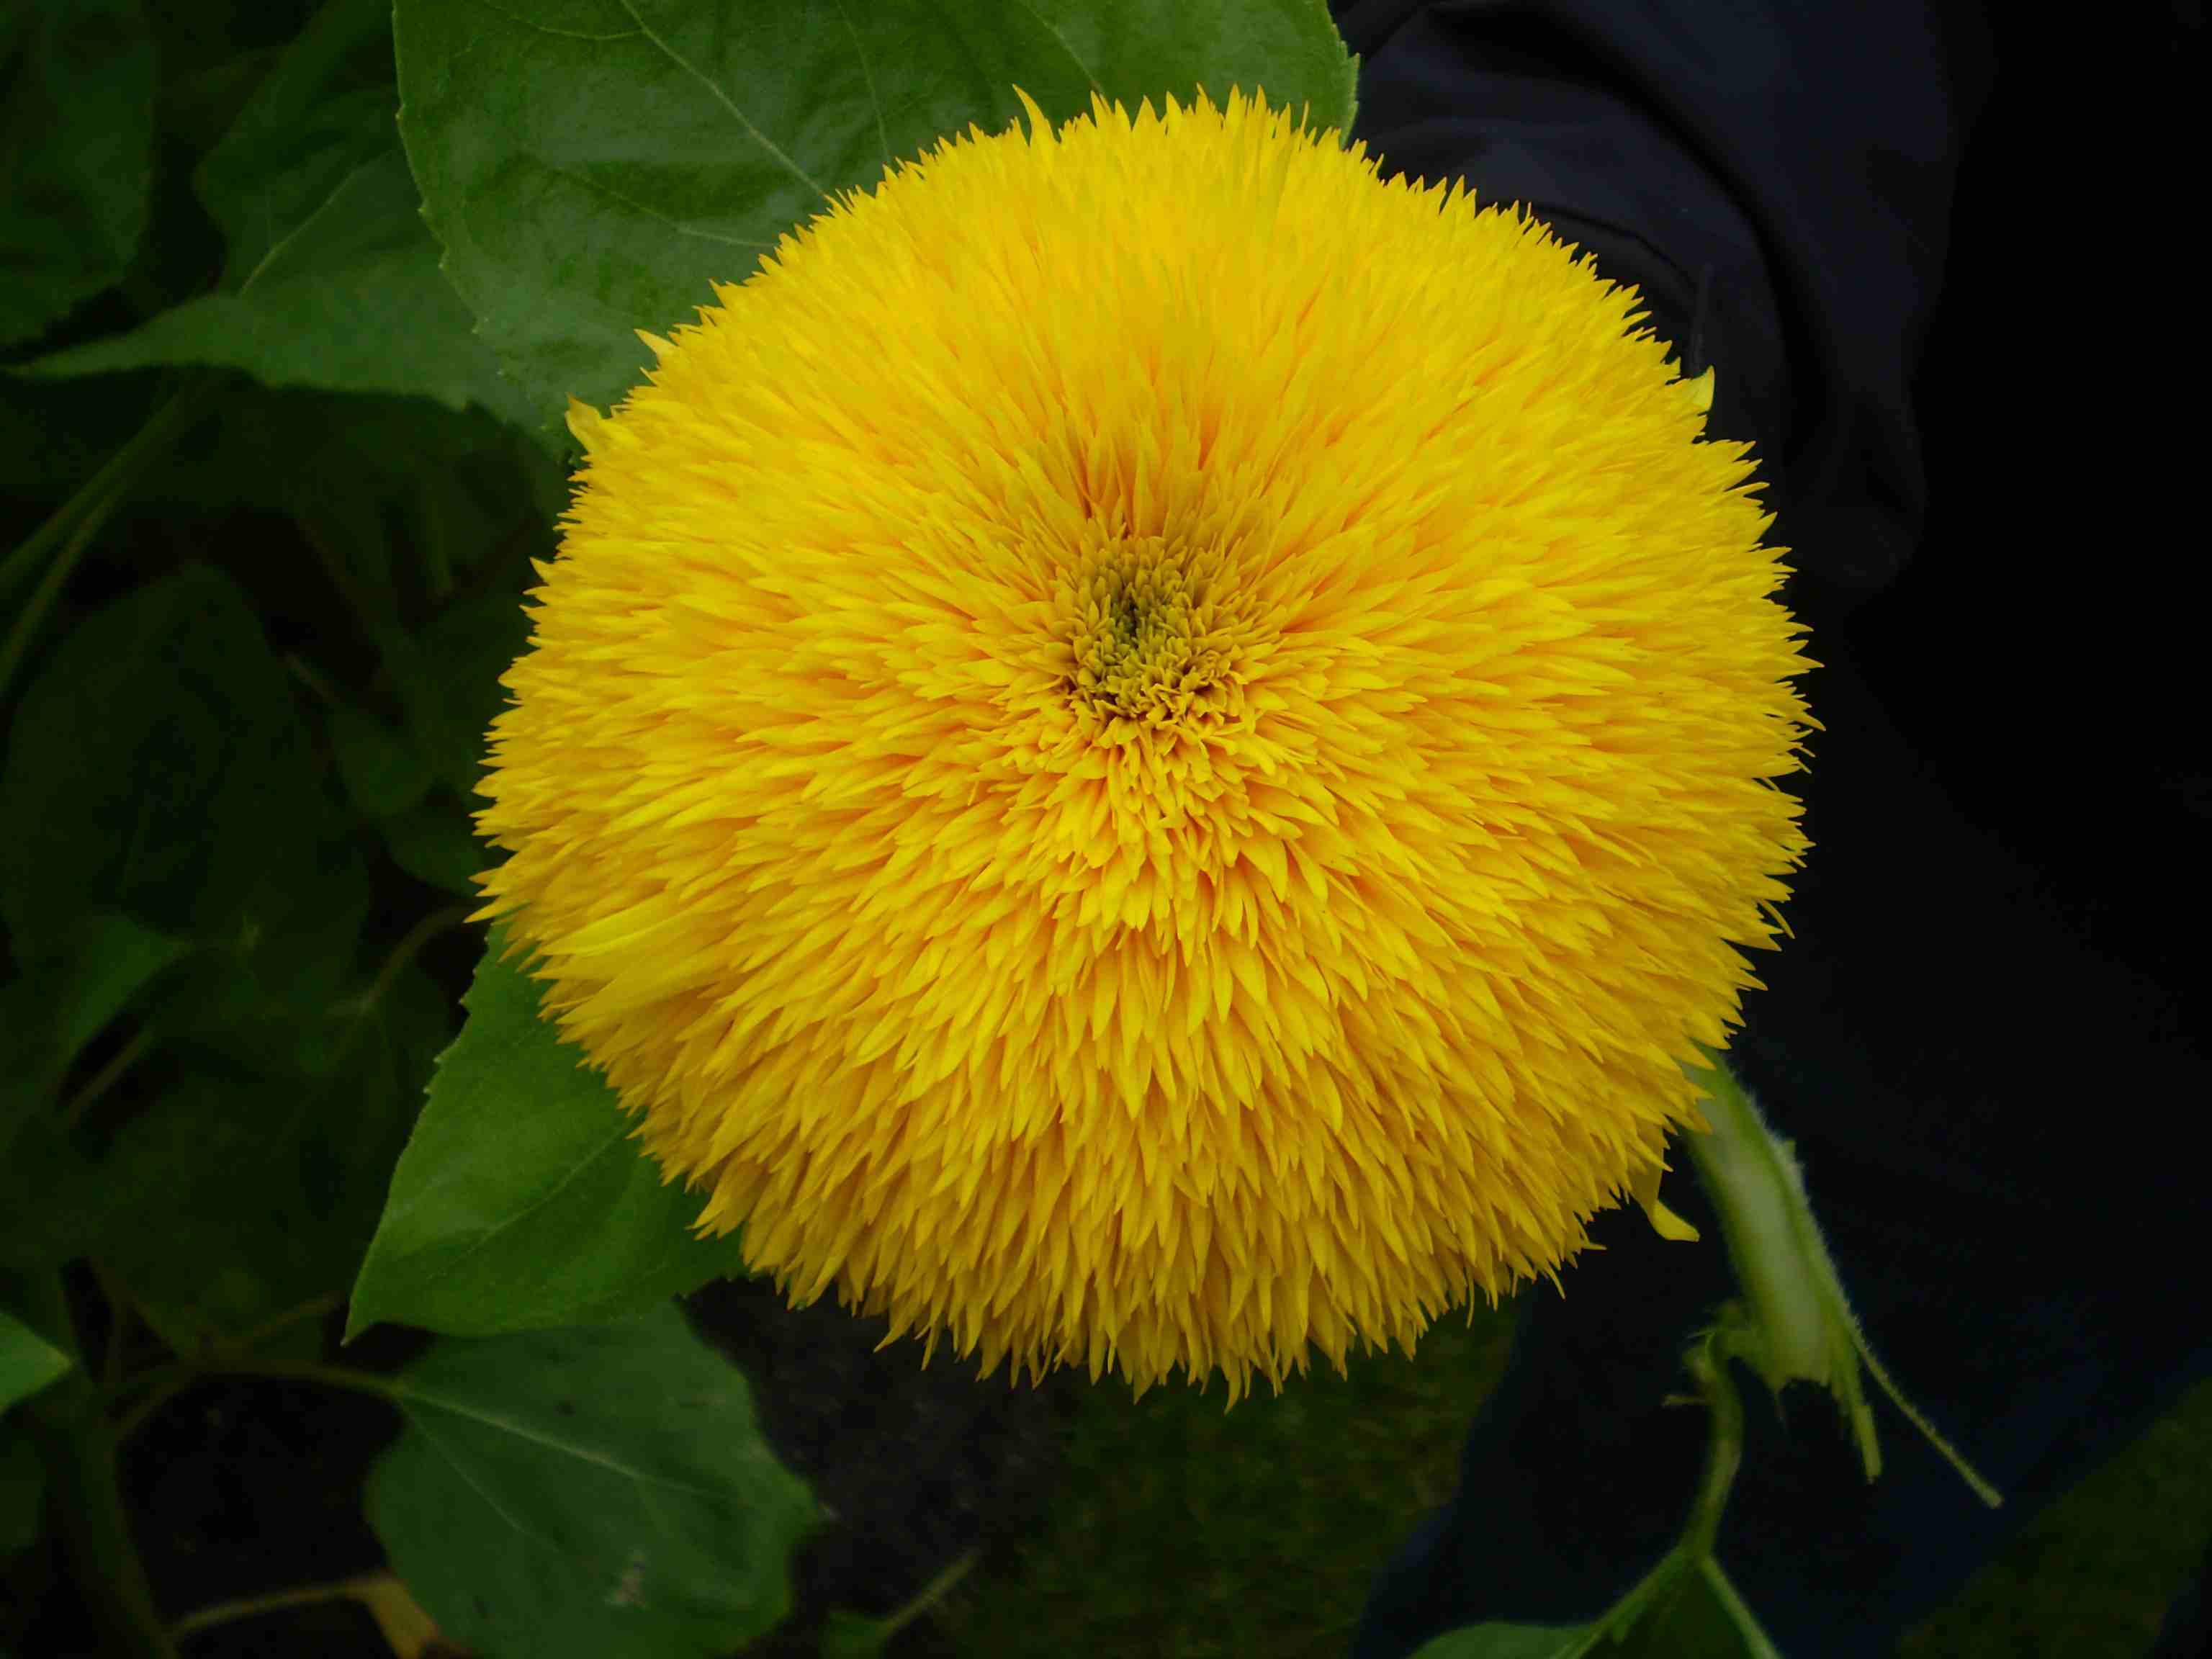 Golden Bear Sunflower